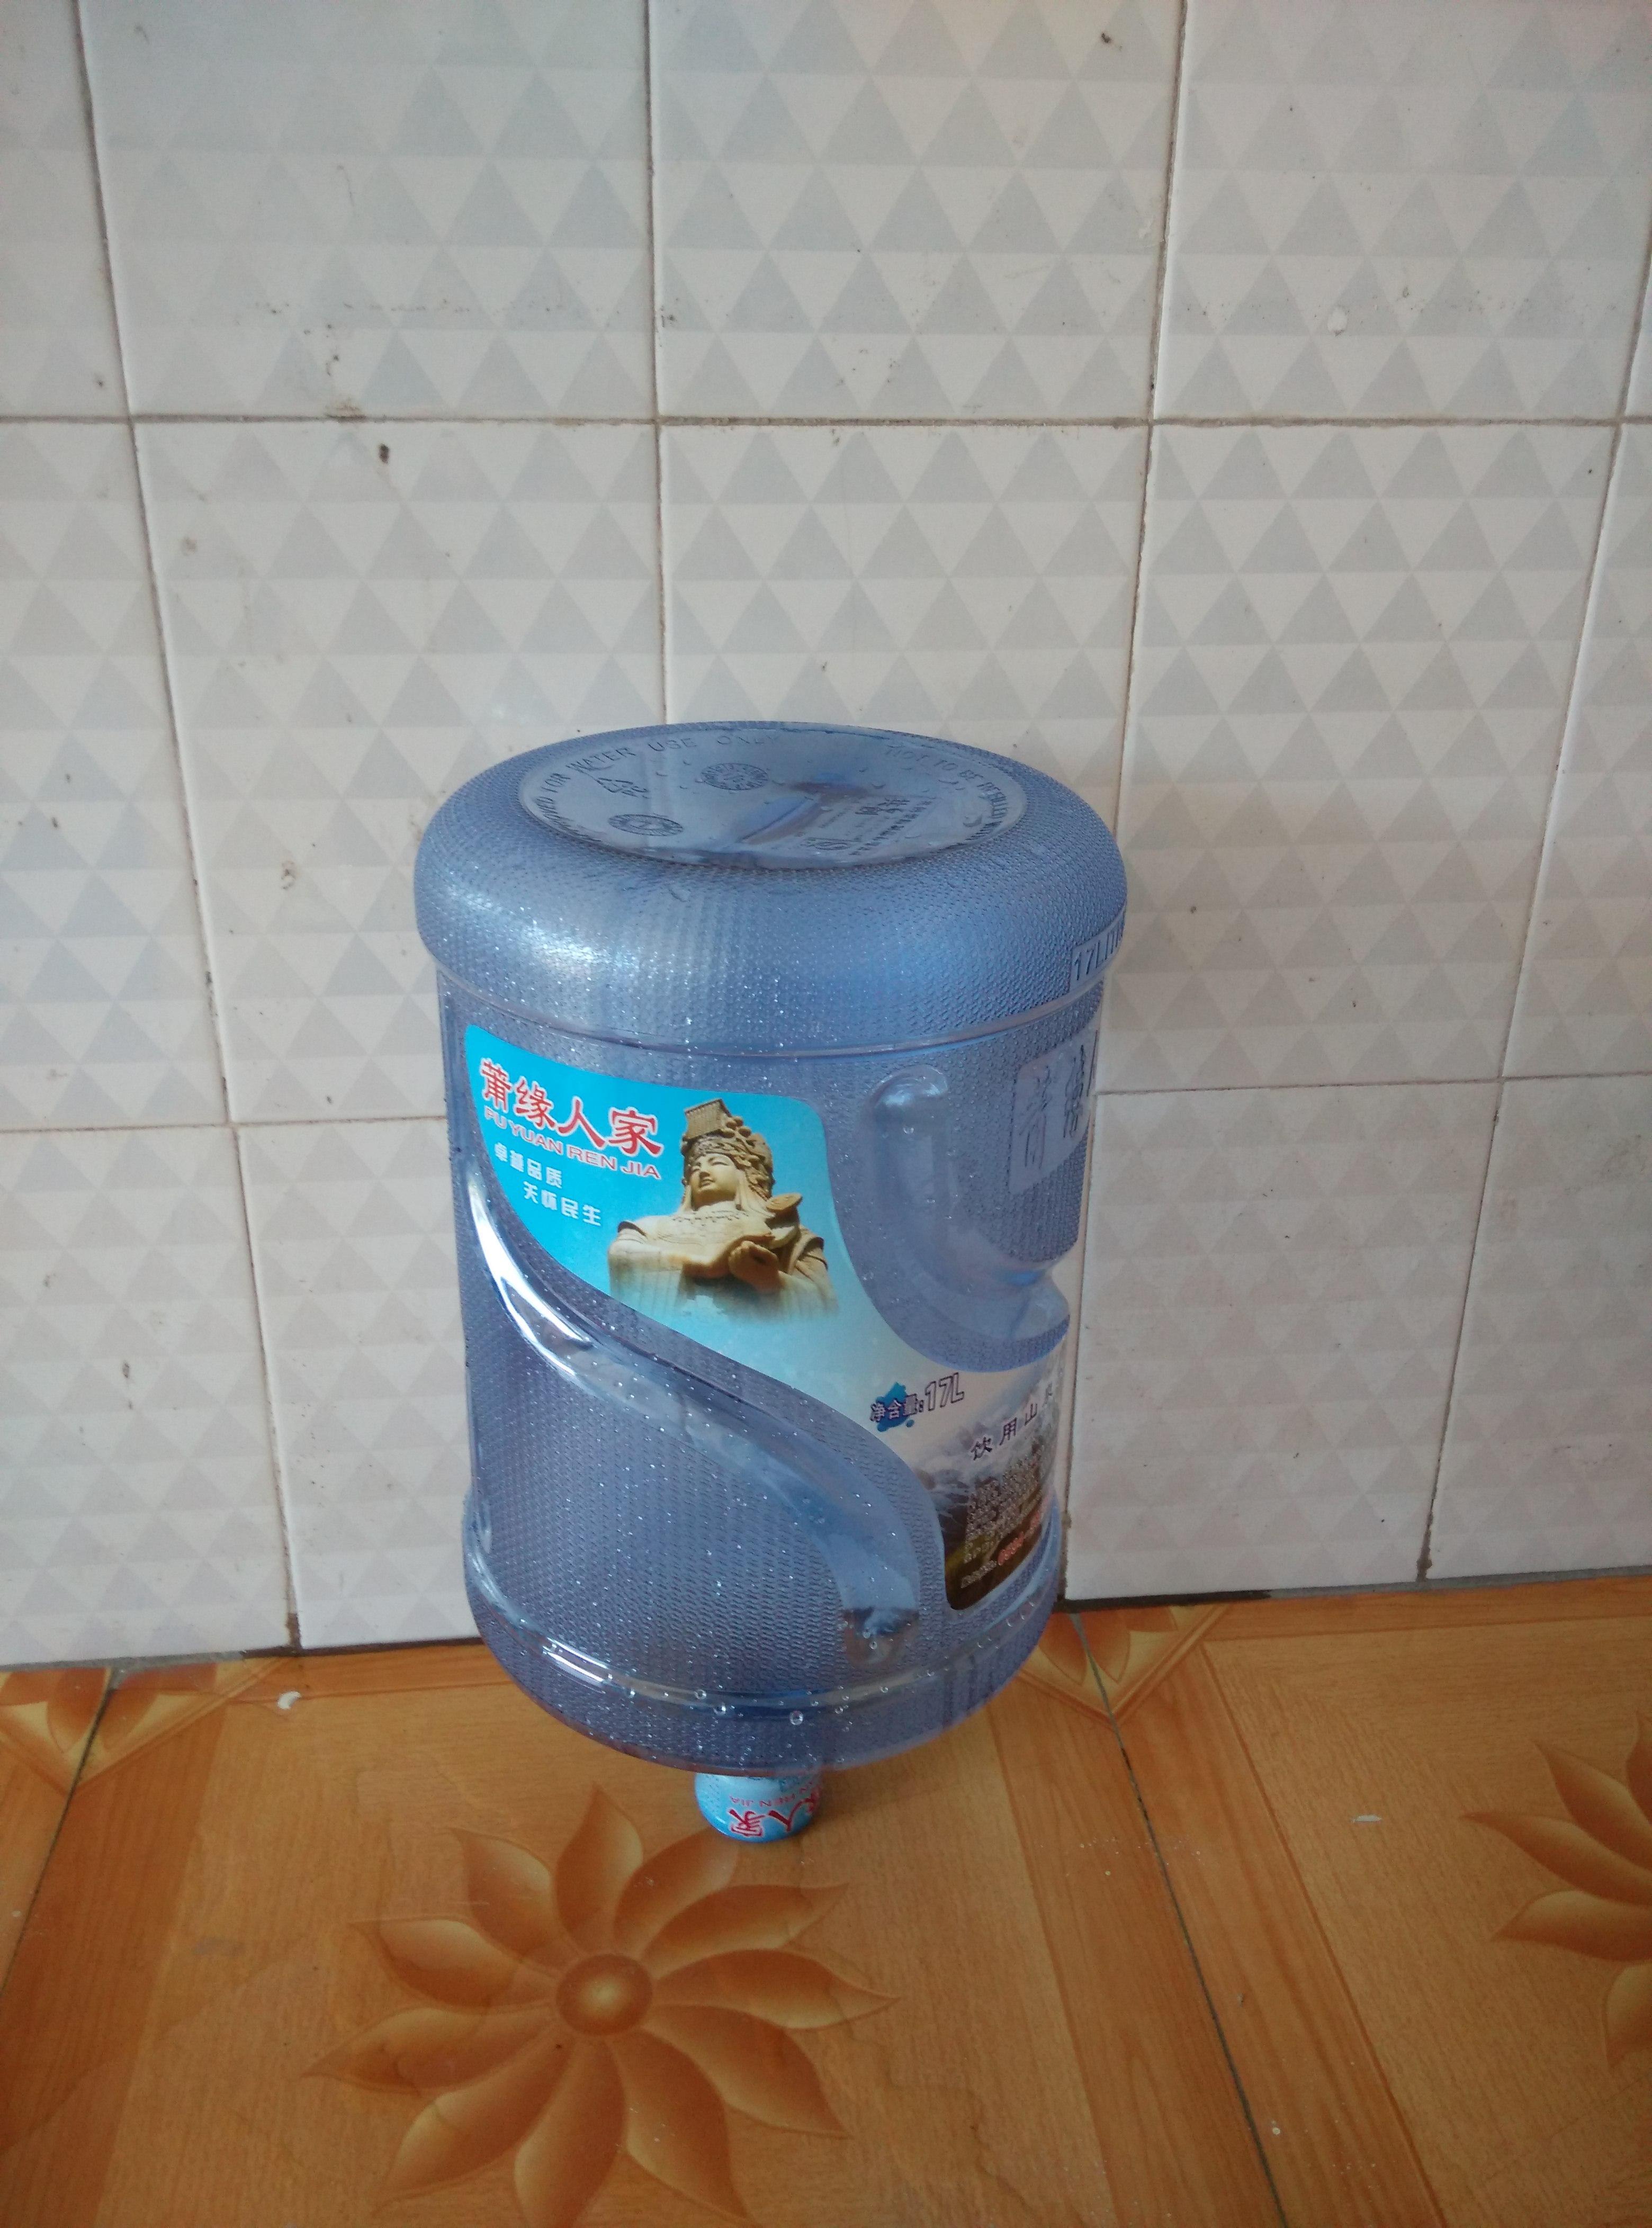 送水厂|新品莆田桶装水批发【福建】